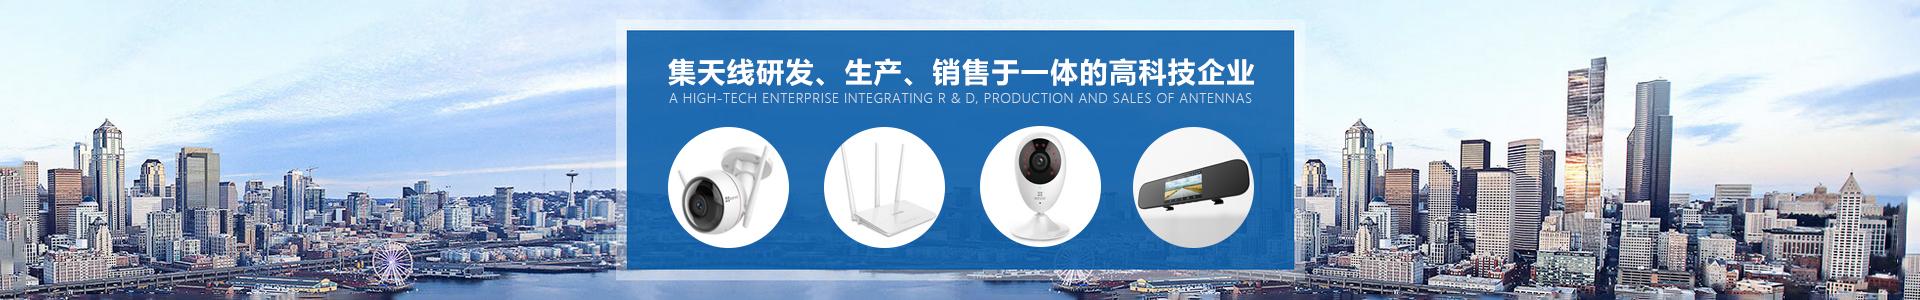 2.4G天线,WIFI天线,天线厂家,全向天线,外置天线,3G天线,东莞市优比电子有限公司